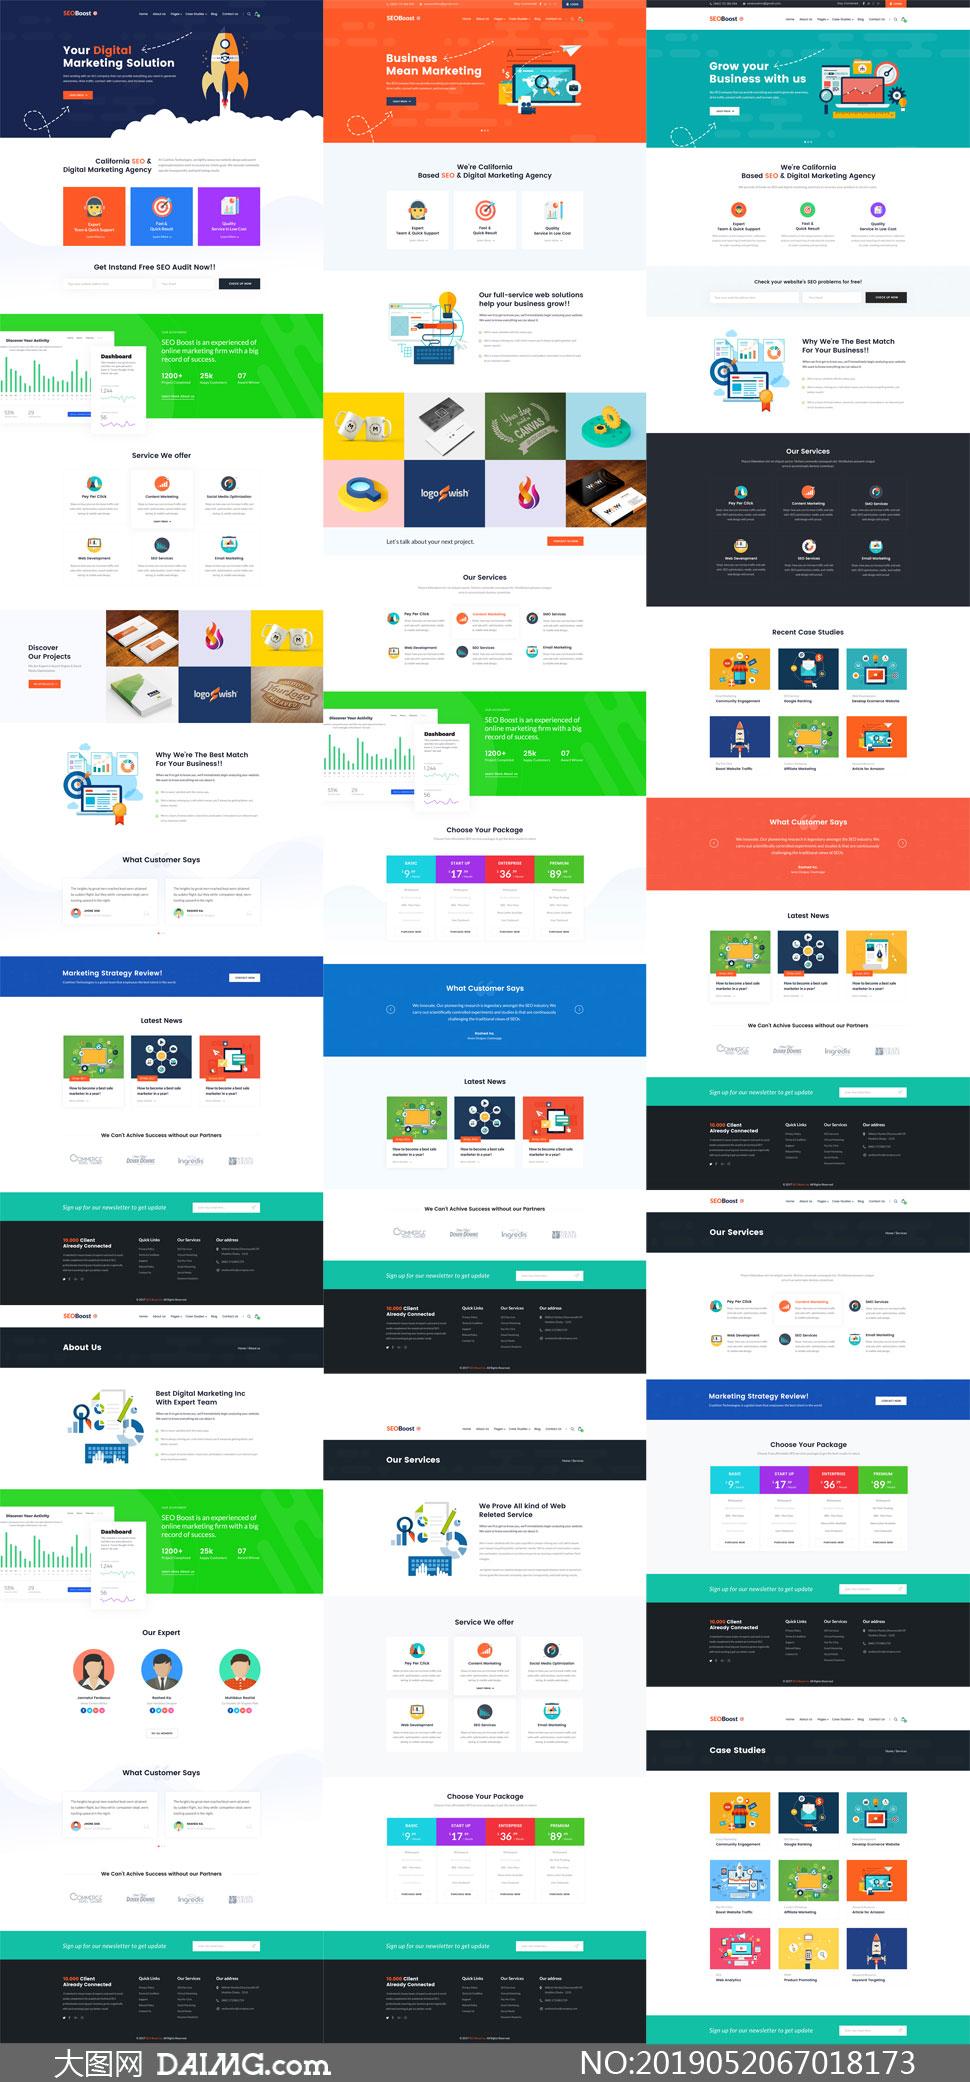 网页设计怎样影响搜索引擎优化 文章可以帮助你